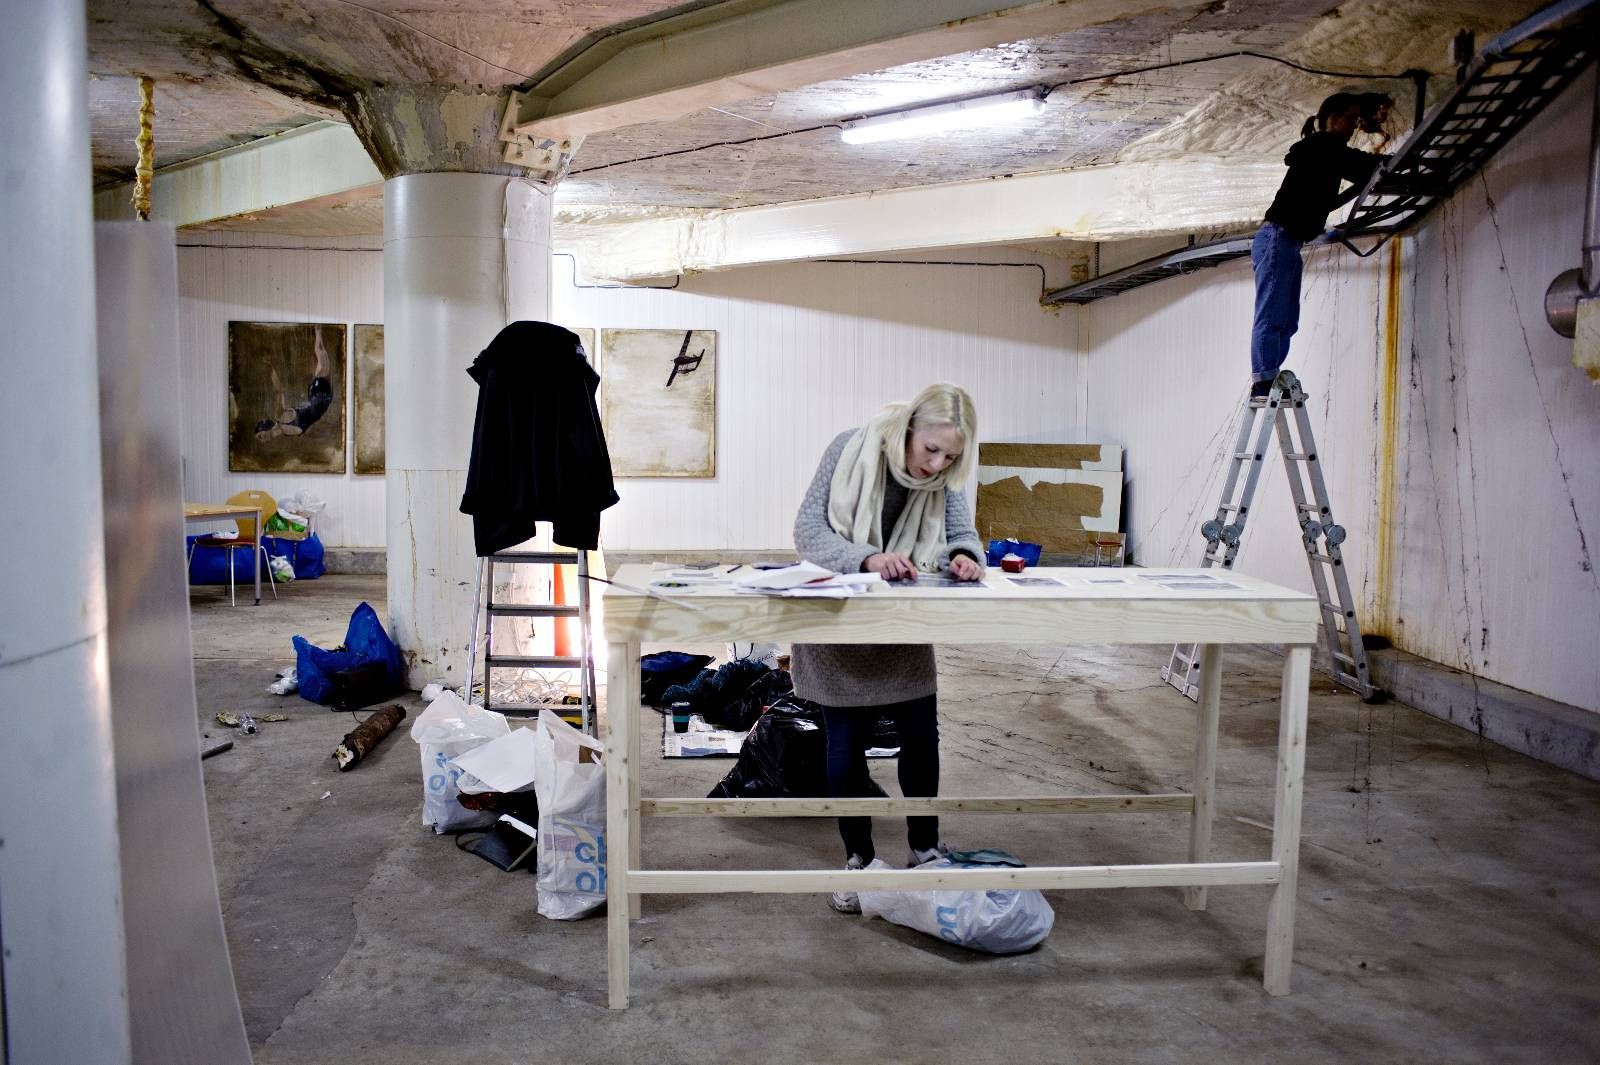 TYVSTART: Studenter ved Kunst- og designhøgskolen i Bergen installerte seg i et hjørne i første etasje i helgen.